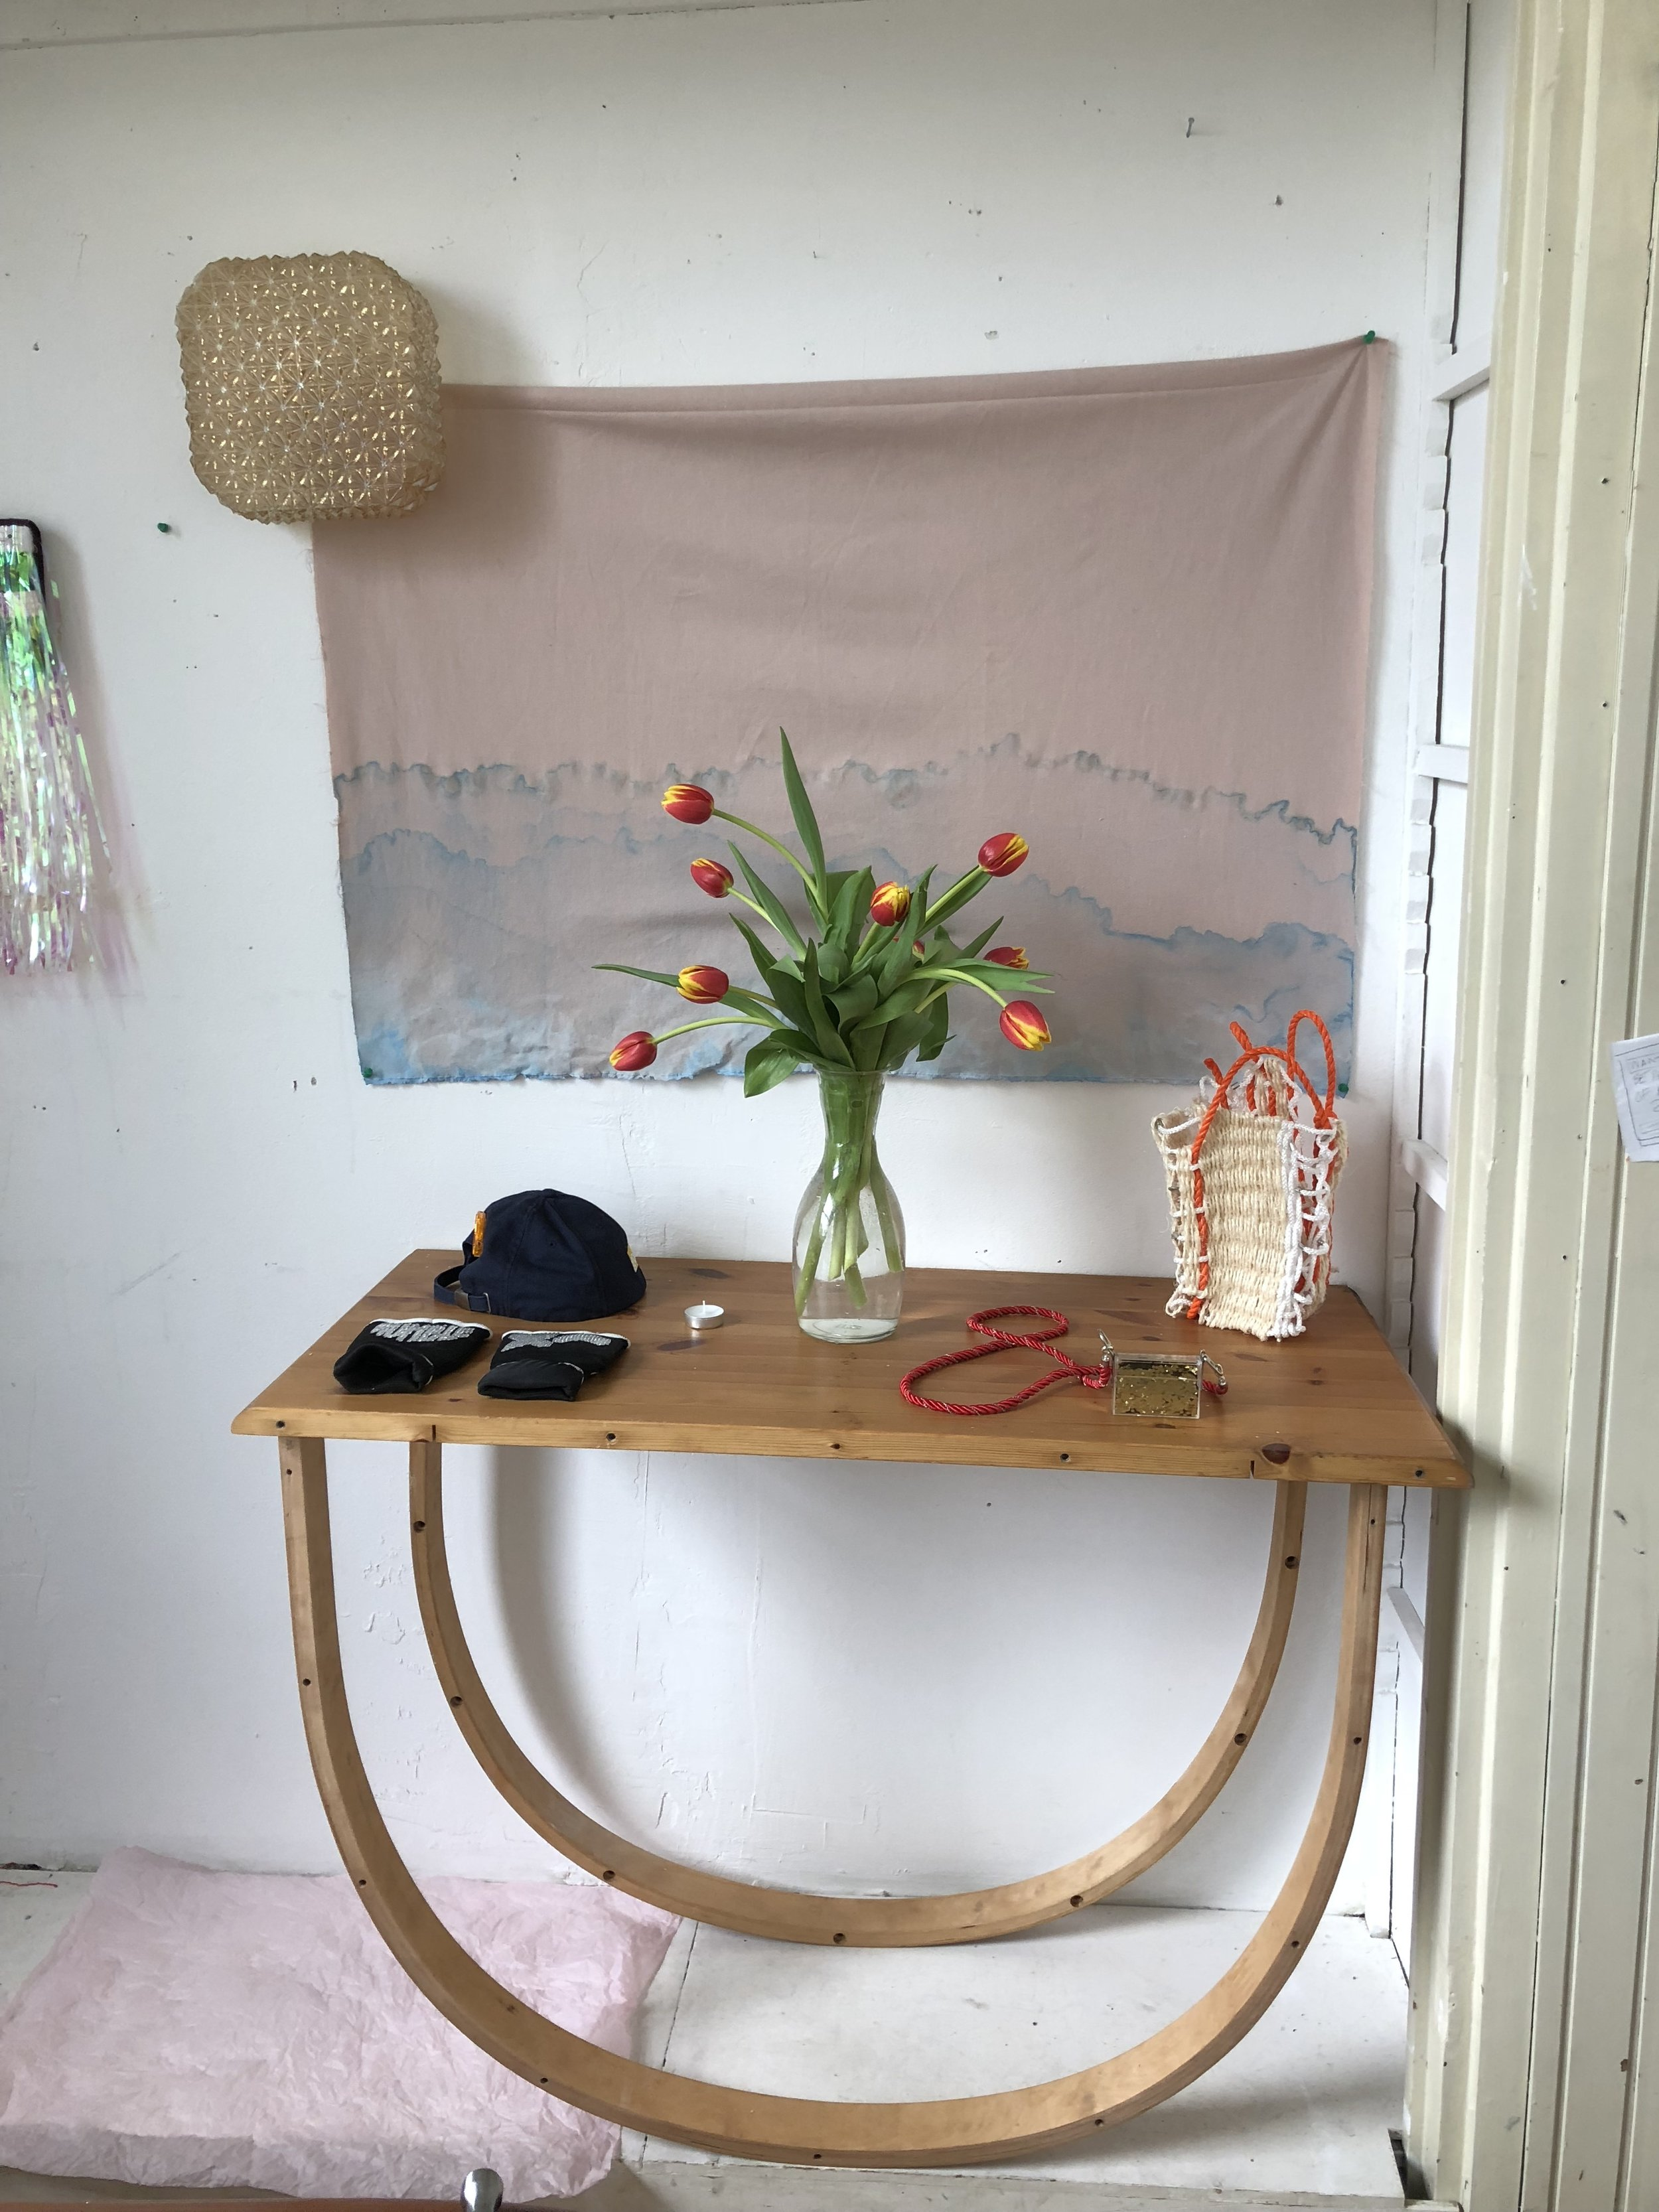 studio shot : 'Rocking' Table, 'Baguette' Bad, 'Fortune' Necklace, 'Good' Hat